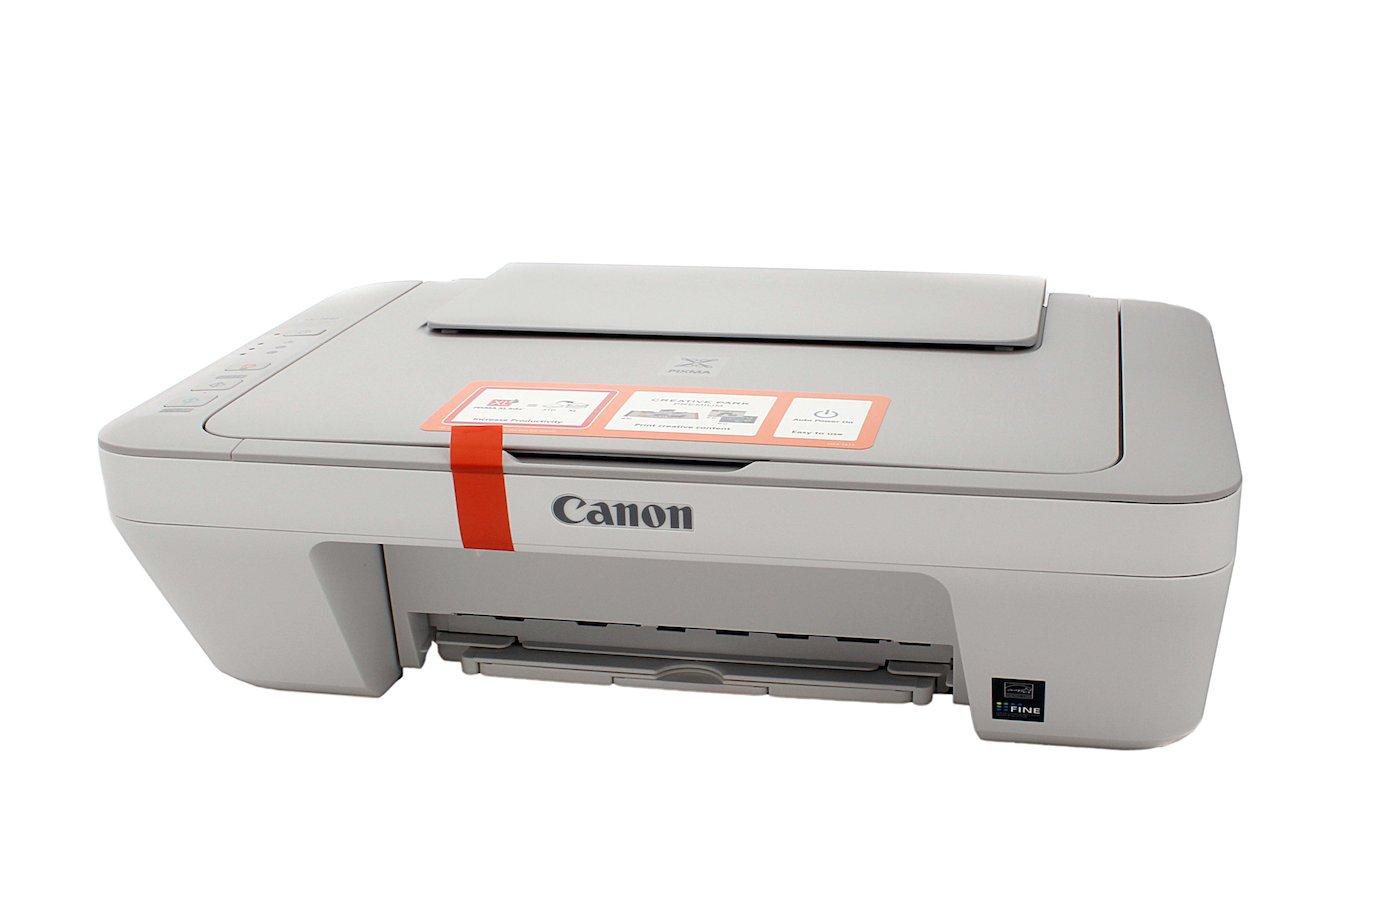 Canon ip2600 pixma photo printer M: canon ip2600 printer